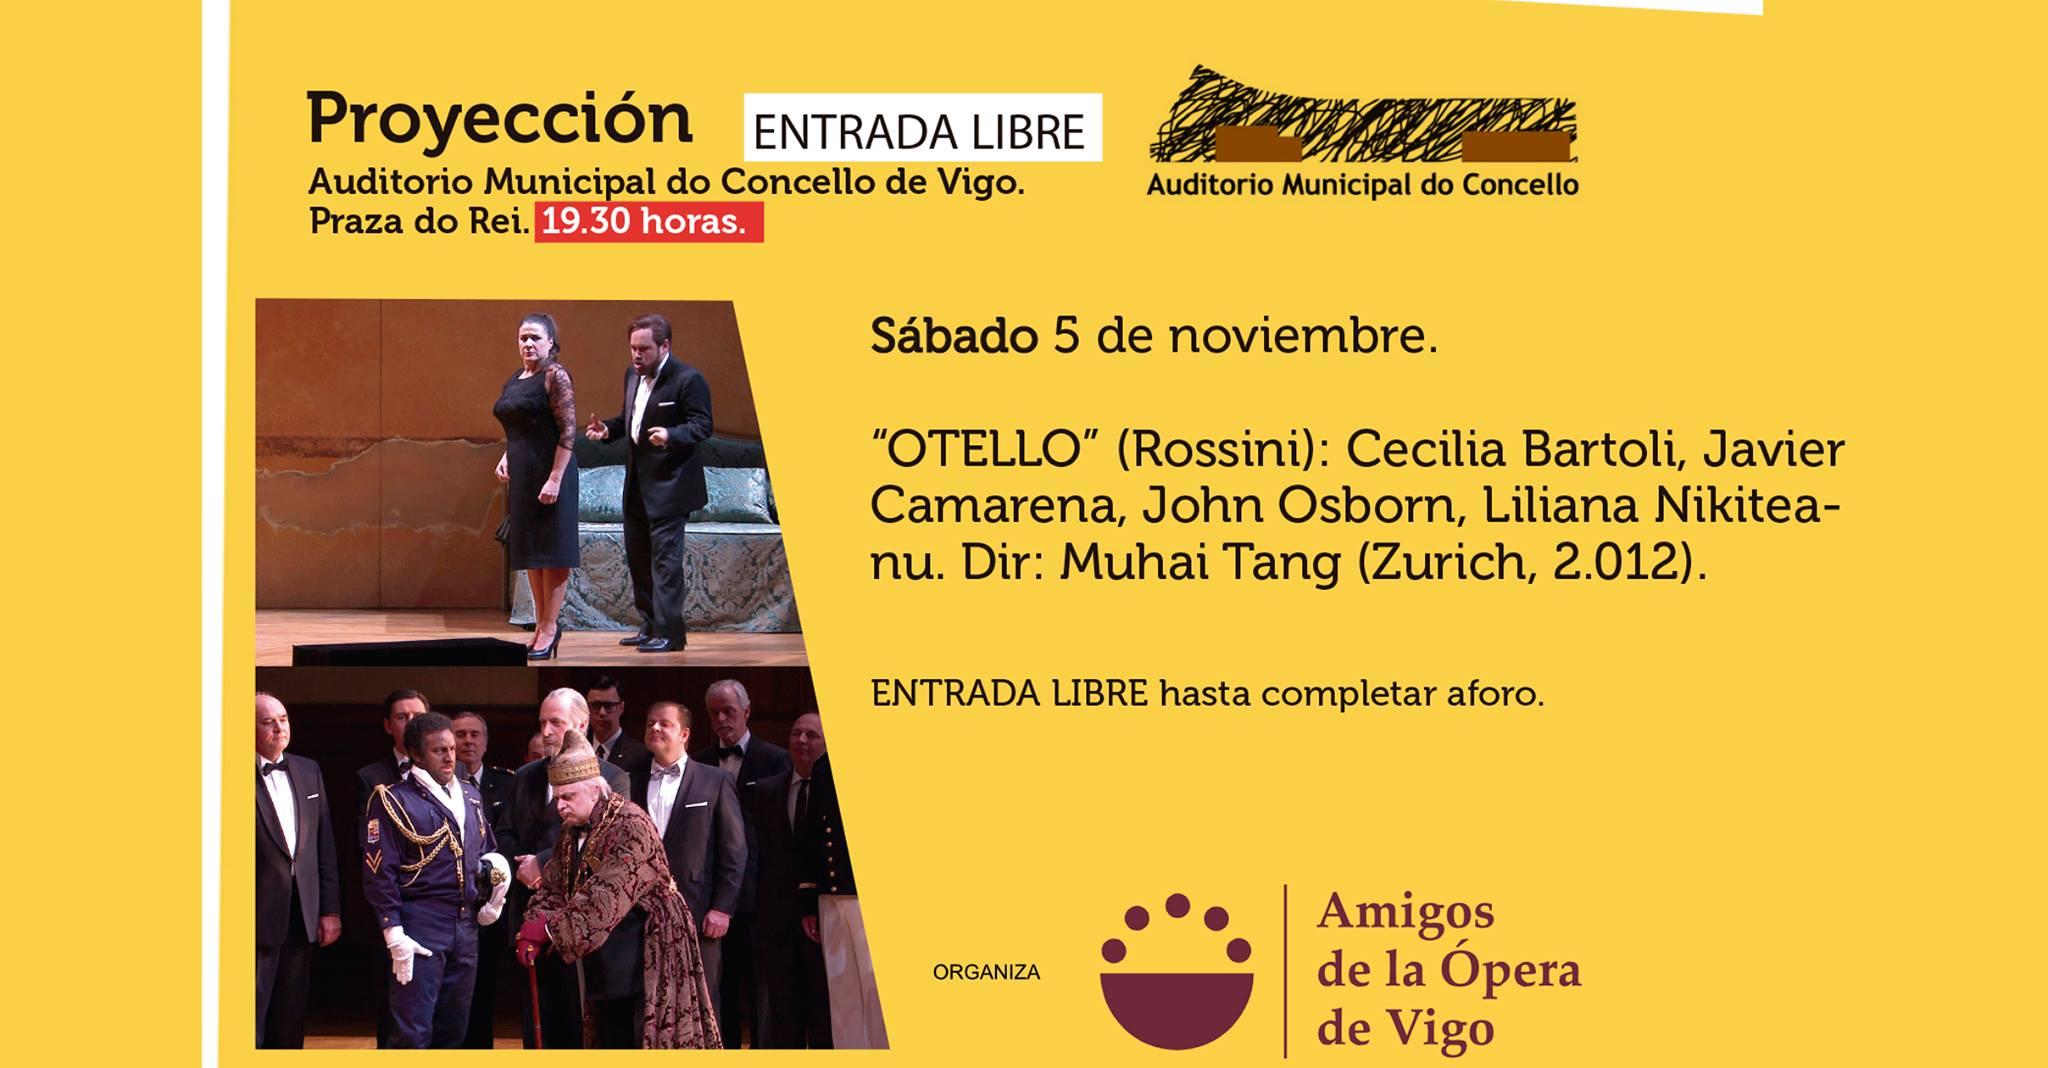 """""""OTELLO"""" Sábado 5 de noviembre 19:30 horas en Auditorio Municipal. ENTRADA LIBRE"""